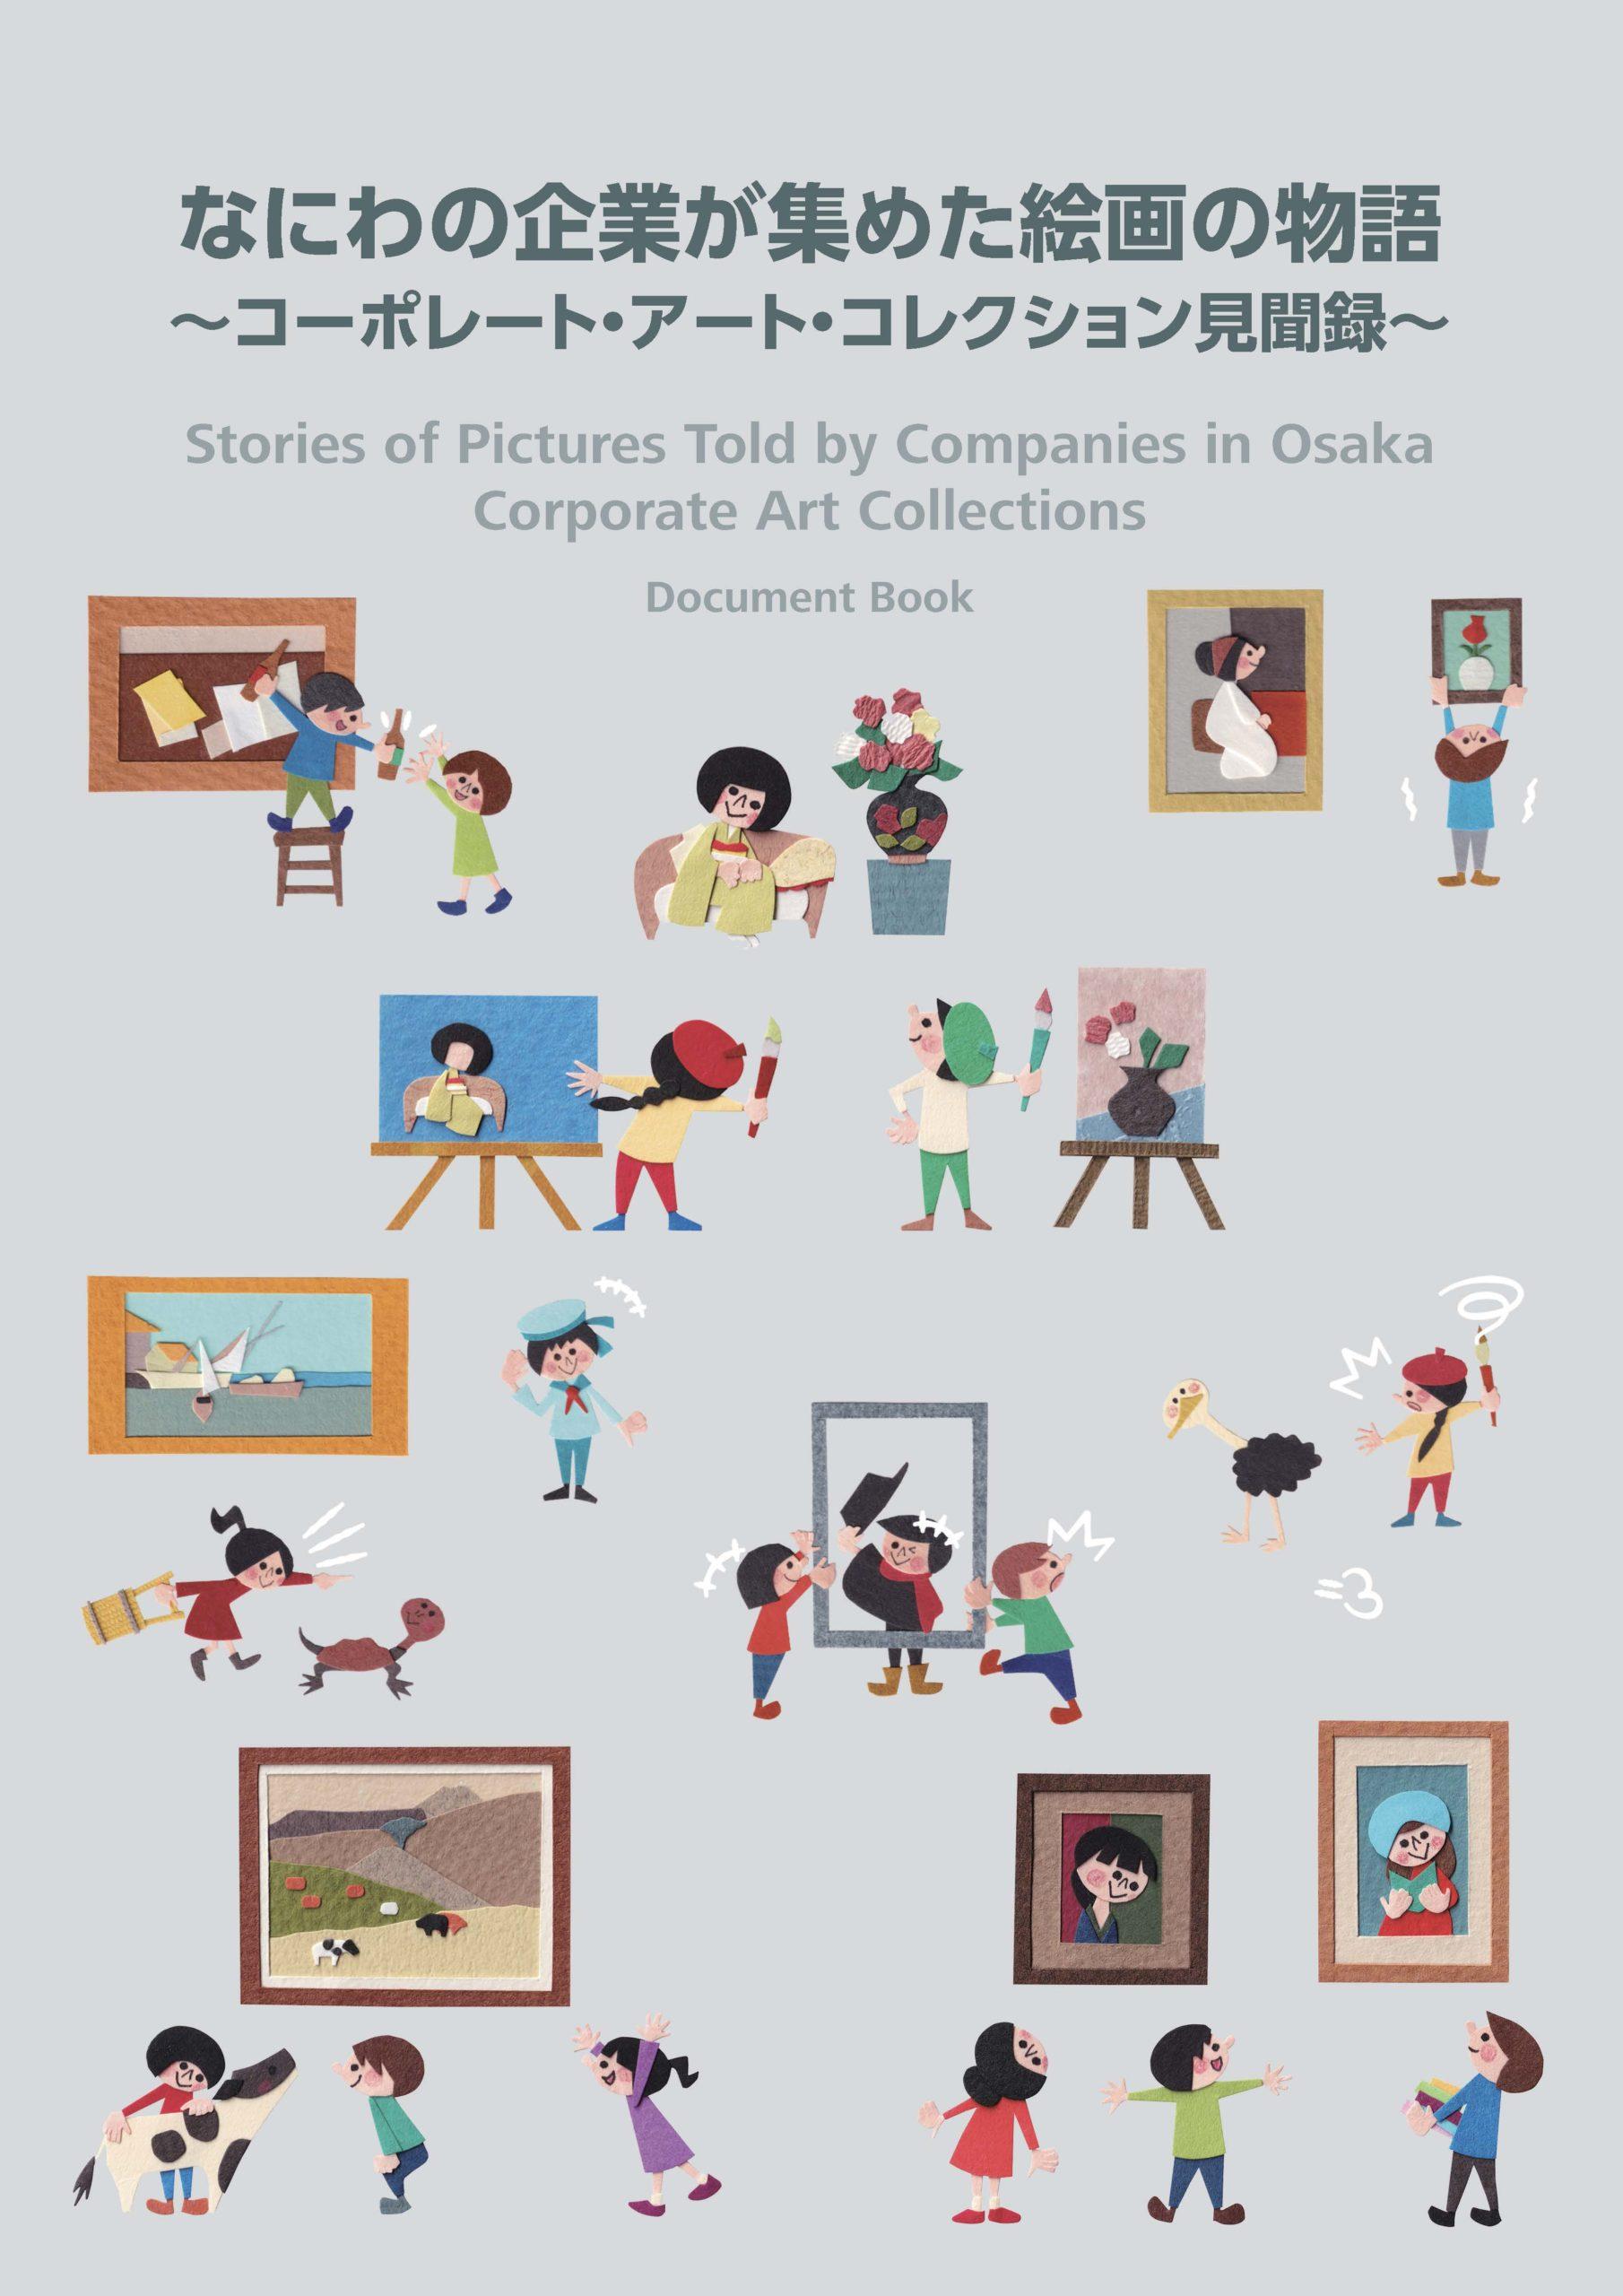 書籍『なにわの企業が集めた絵画の物語 ~コーポレート・アート・コレクション見聞録~』を発刊、大阪の小学校1,030校に寄贈